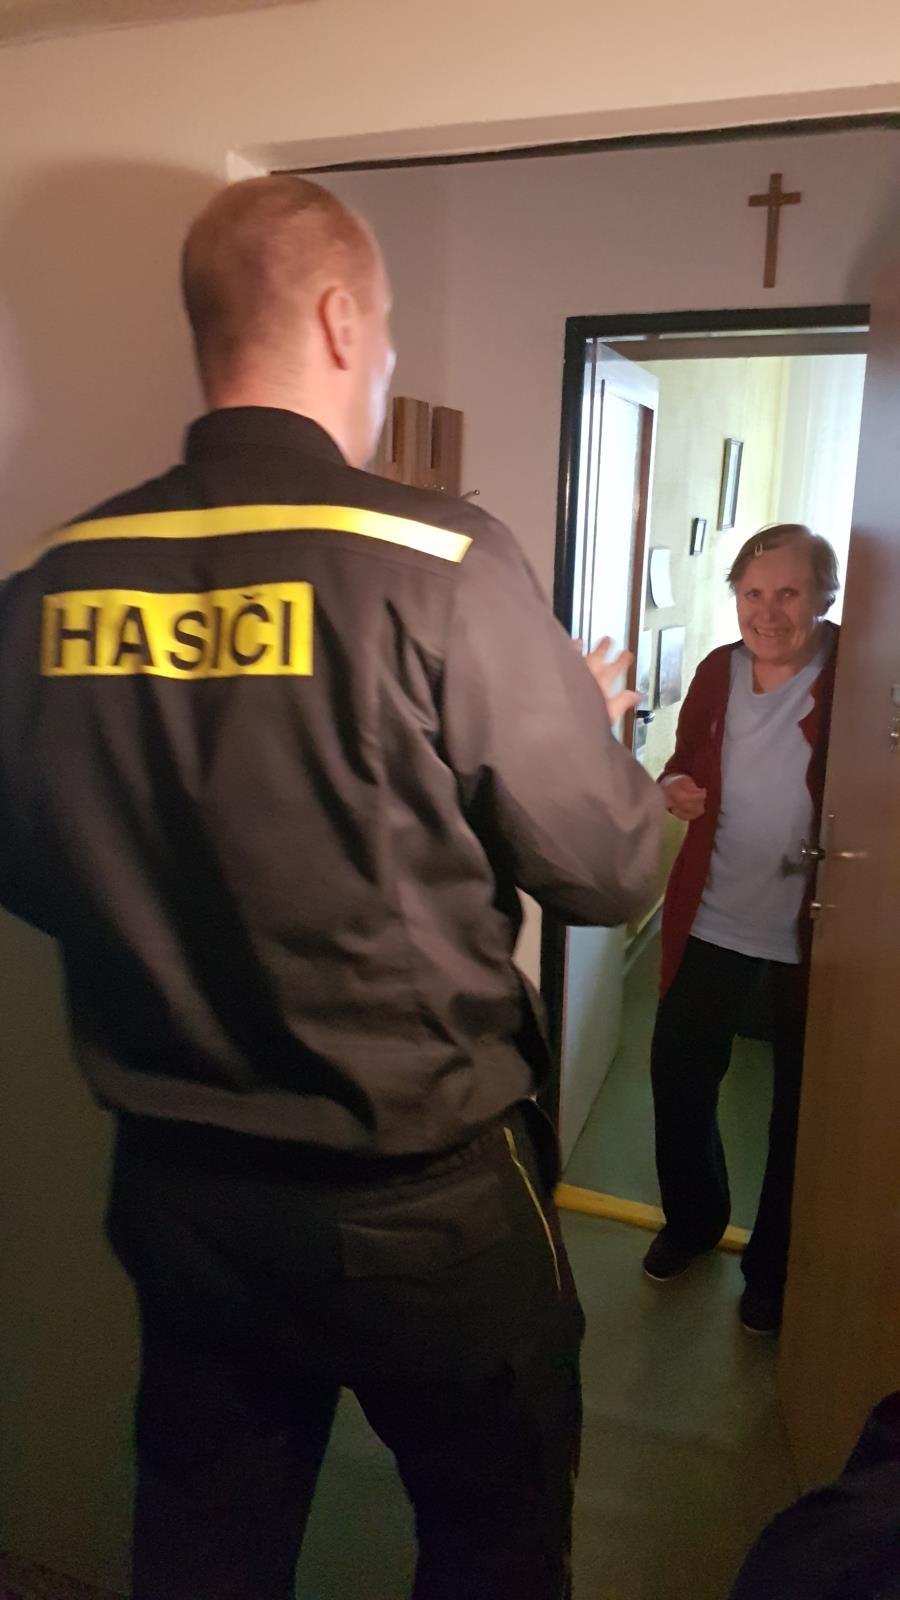 Hasiči letos do bytů v Olomouci nainstalovali 268 detektorů zdroj foto: HZS Olk